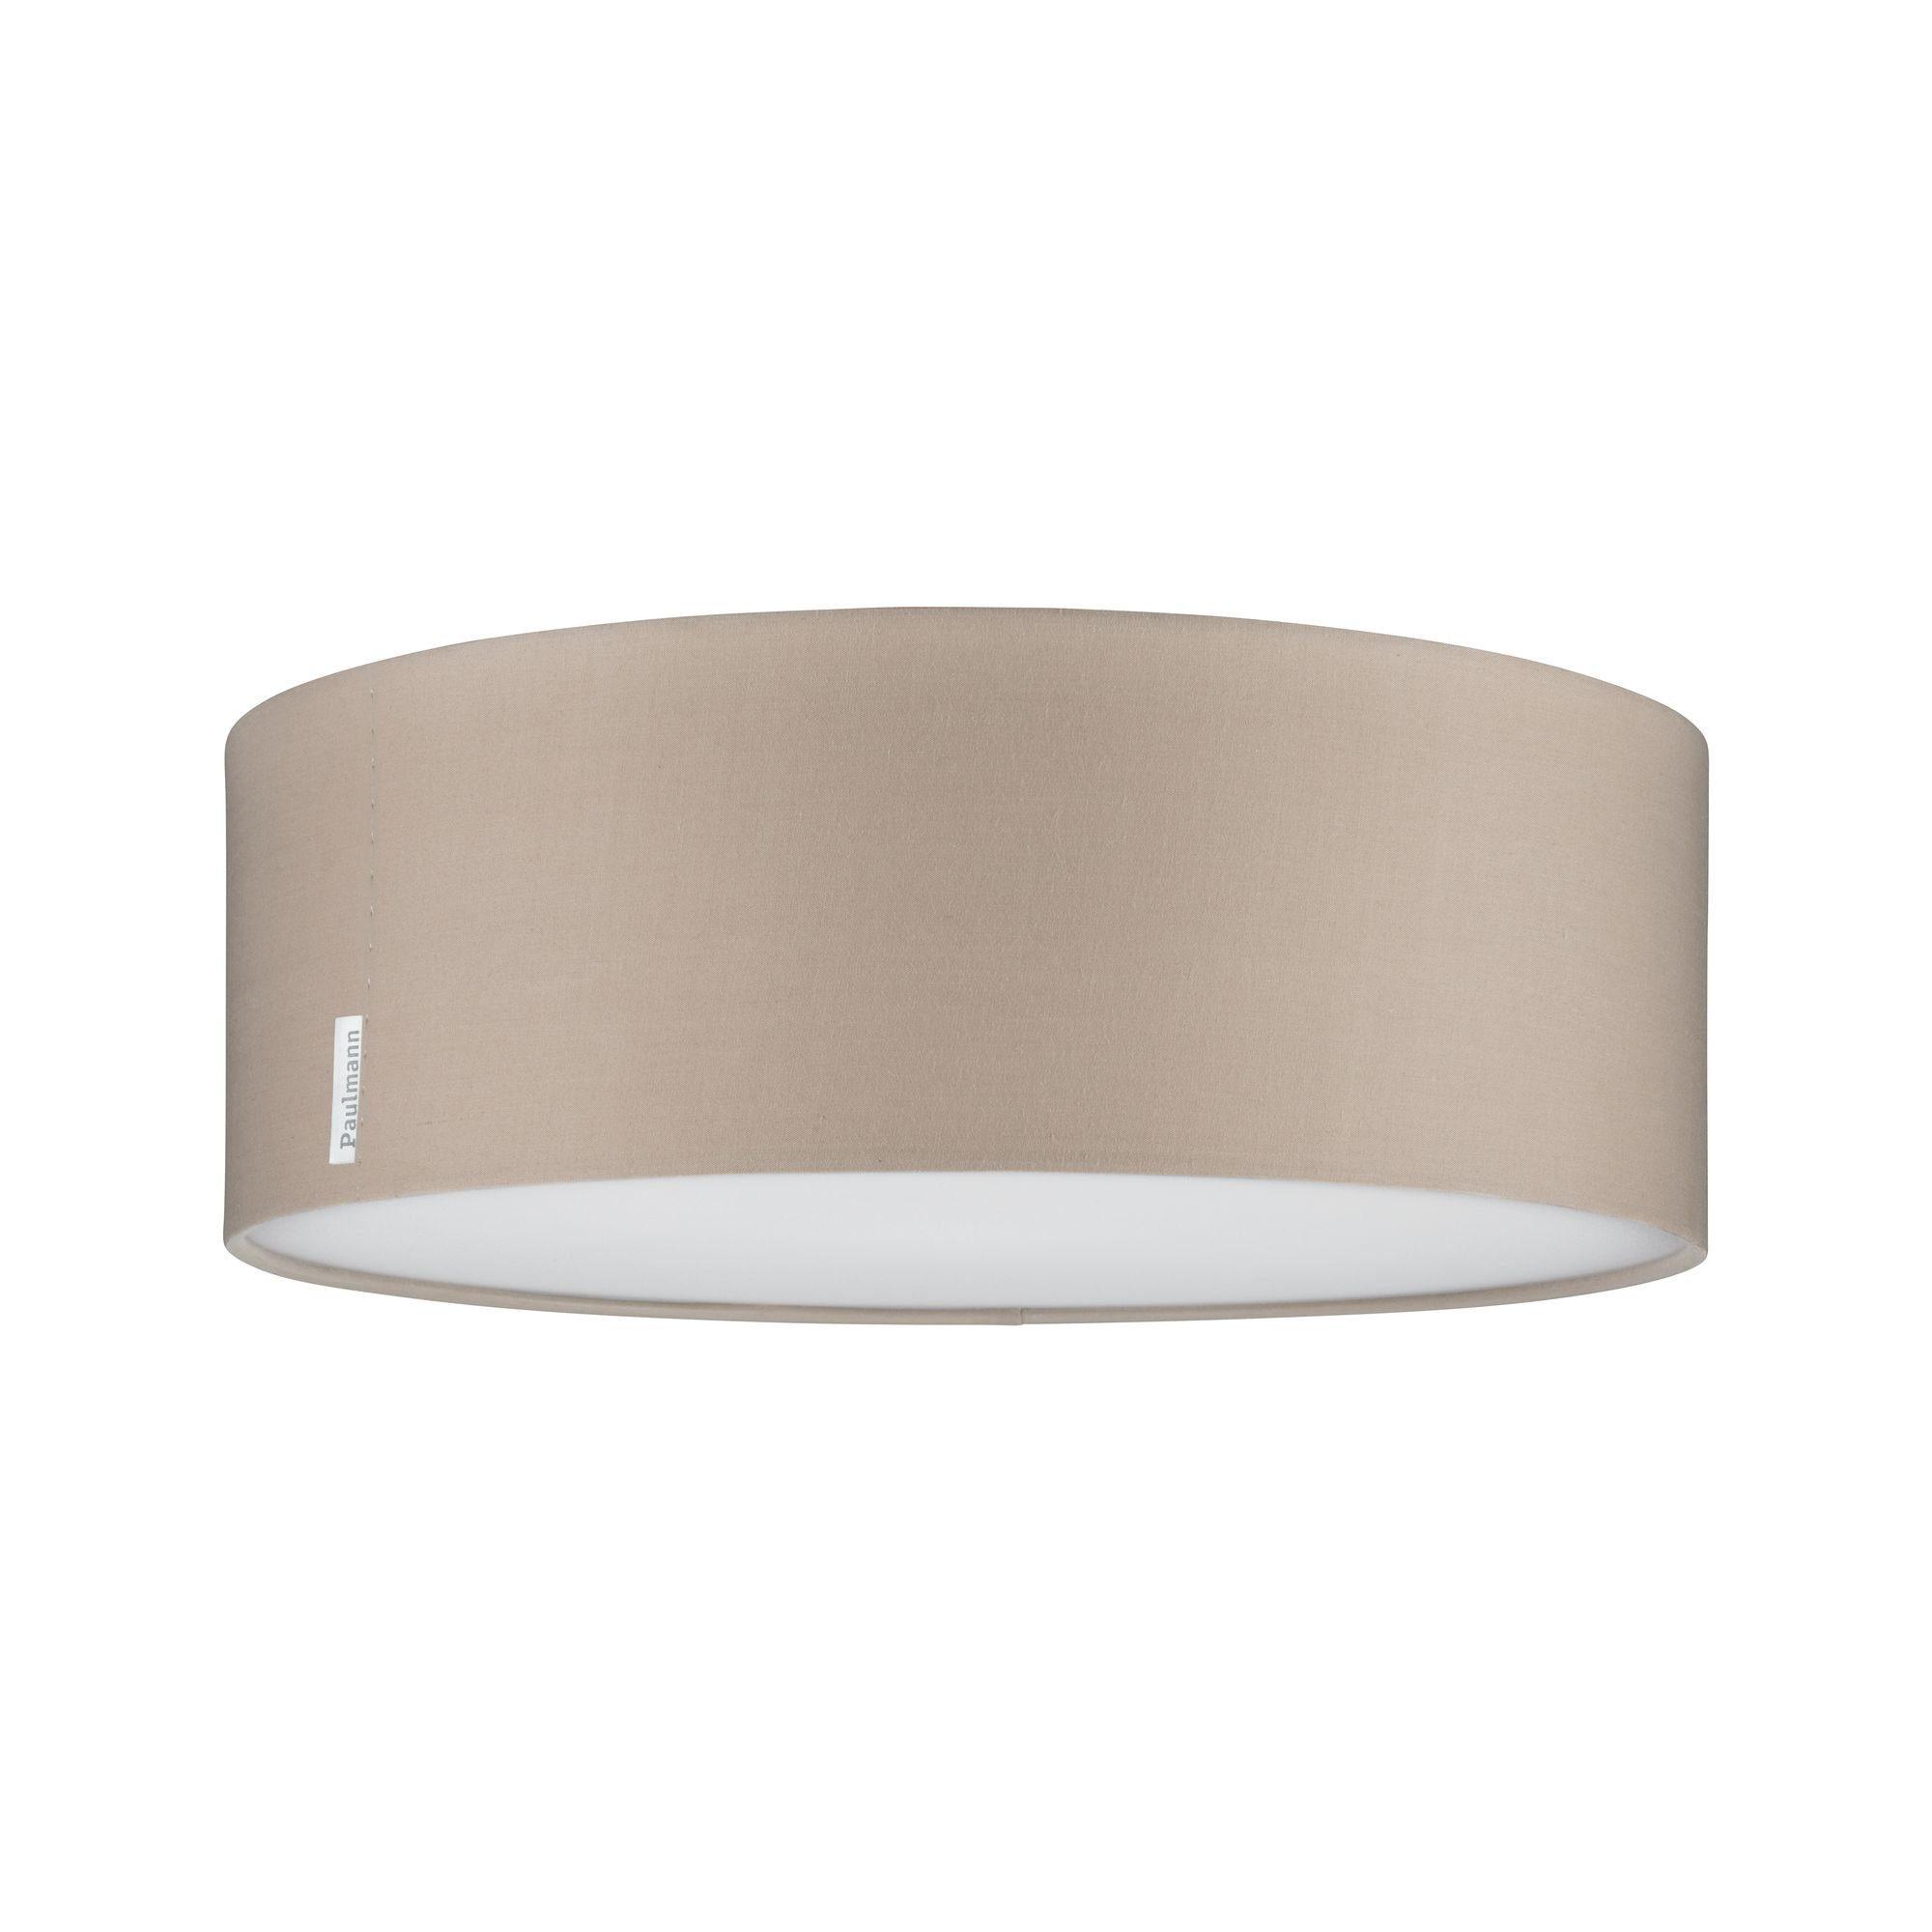 Paulmann LED Deckenleuchte Mari Beige mit Stoffschirm Durchmesser 38 cm max. 2x20W E27, E27, 1 St.